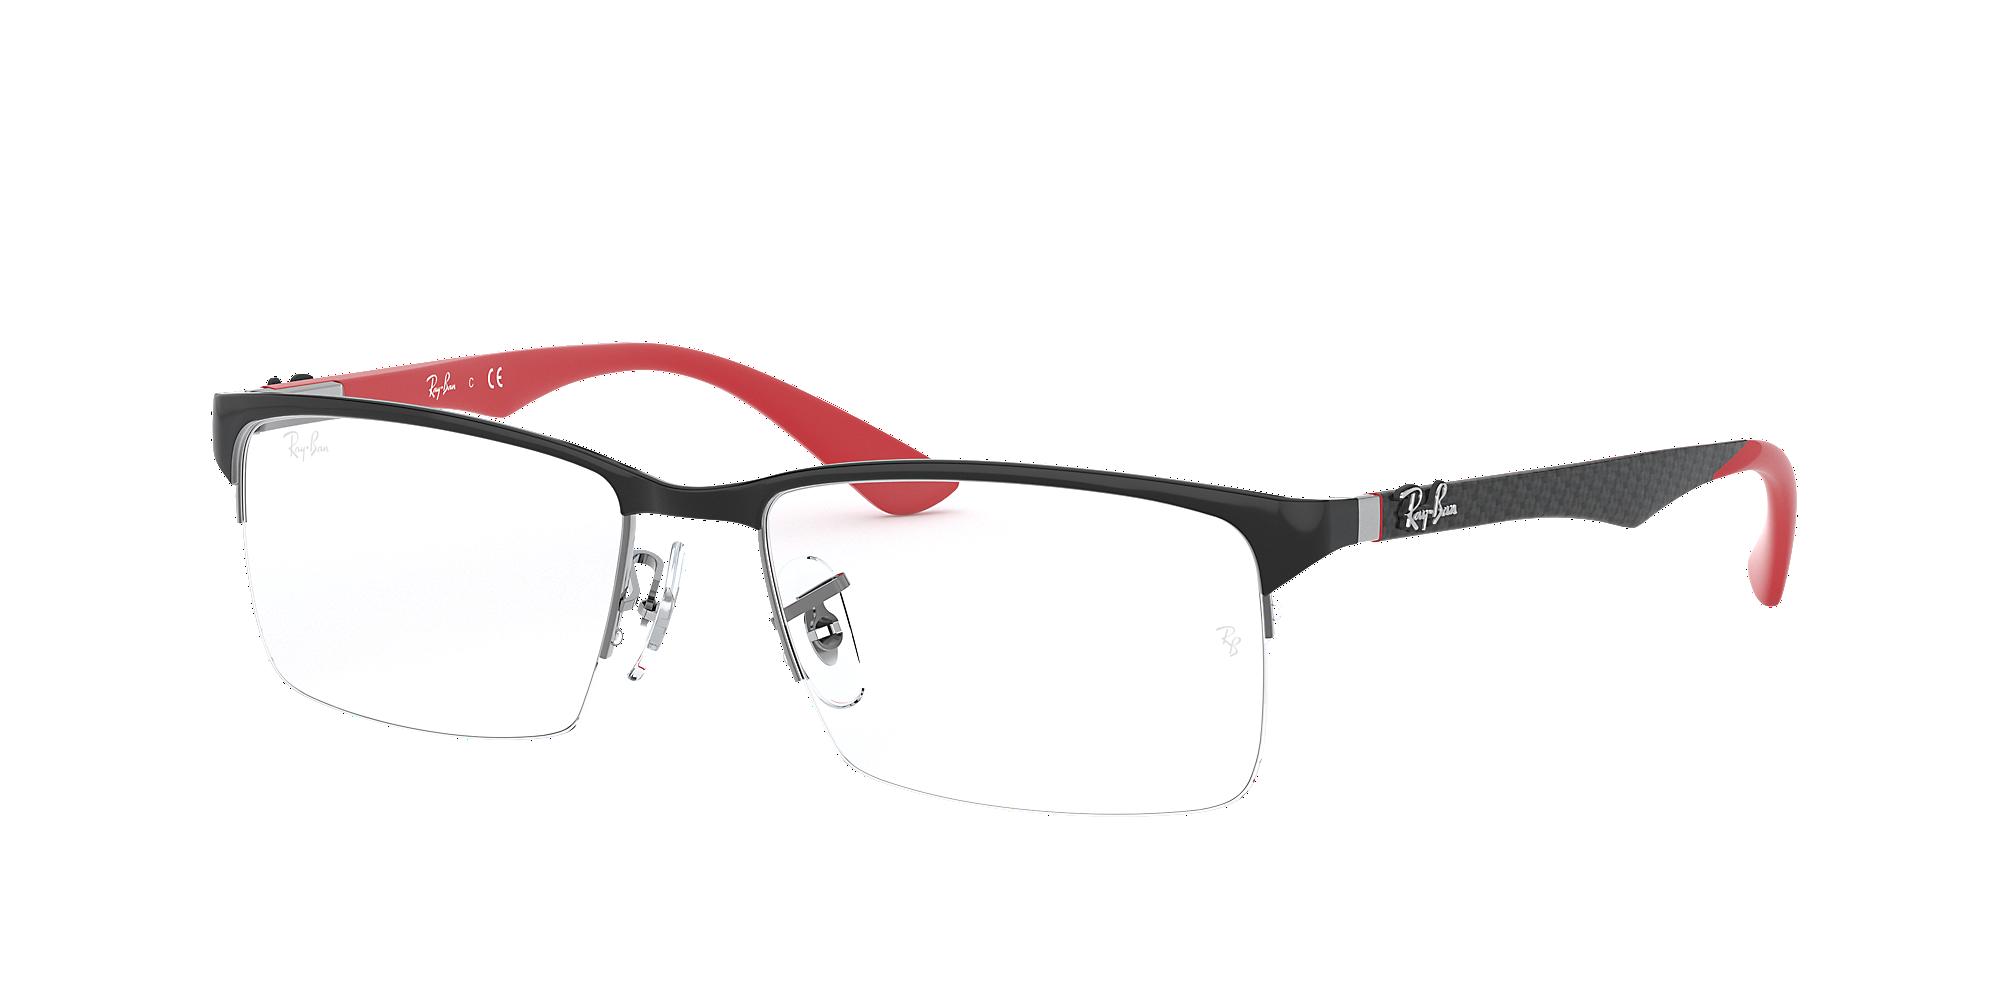 Ray Ban Frameless Glasses